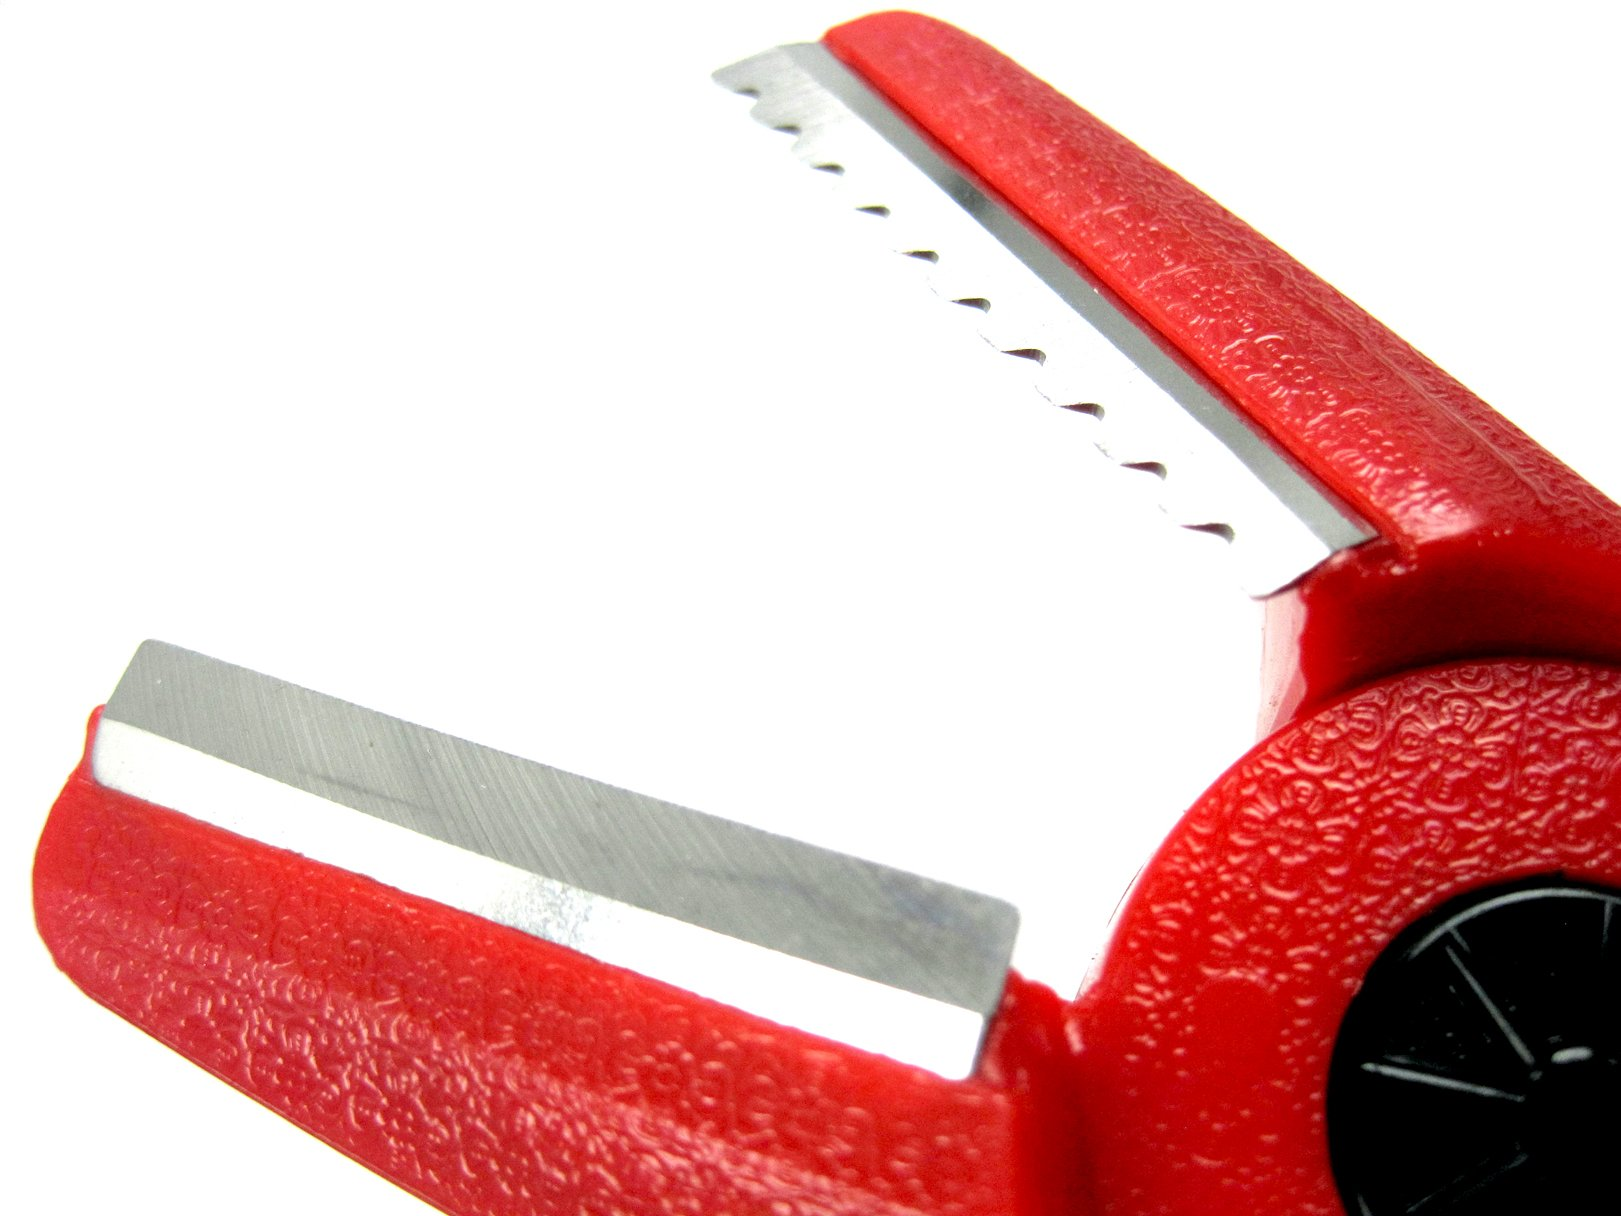 SamDuk Chestnut Sheller Chestnut Scissors Chestnut Peel Nut Skins Cracks Scores